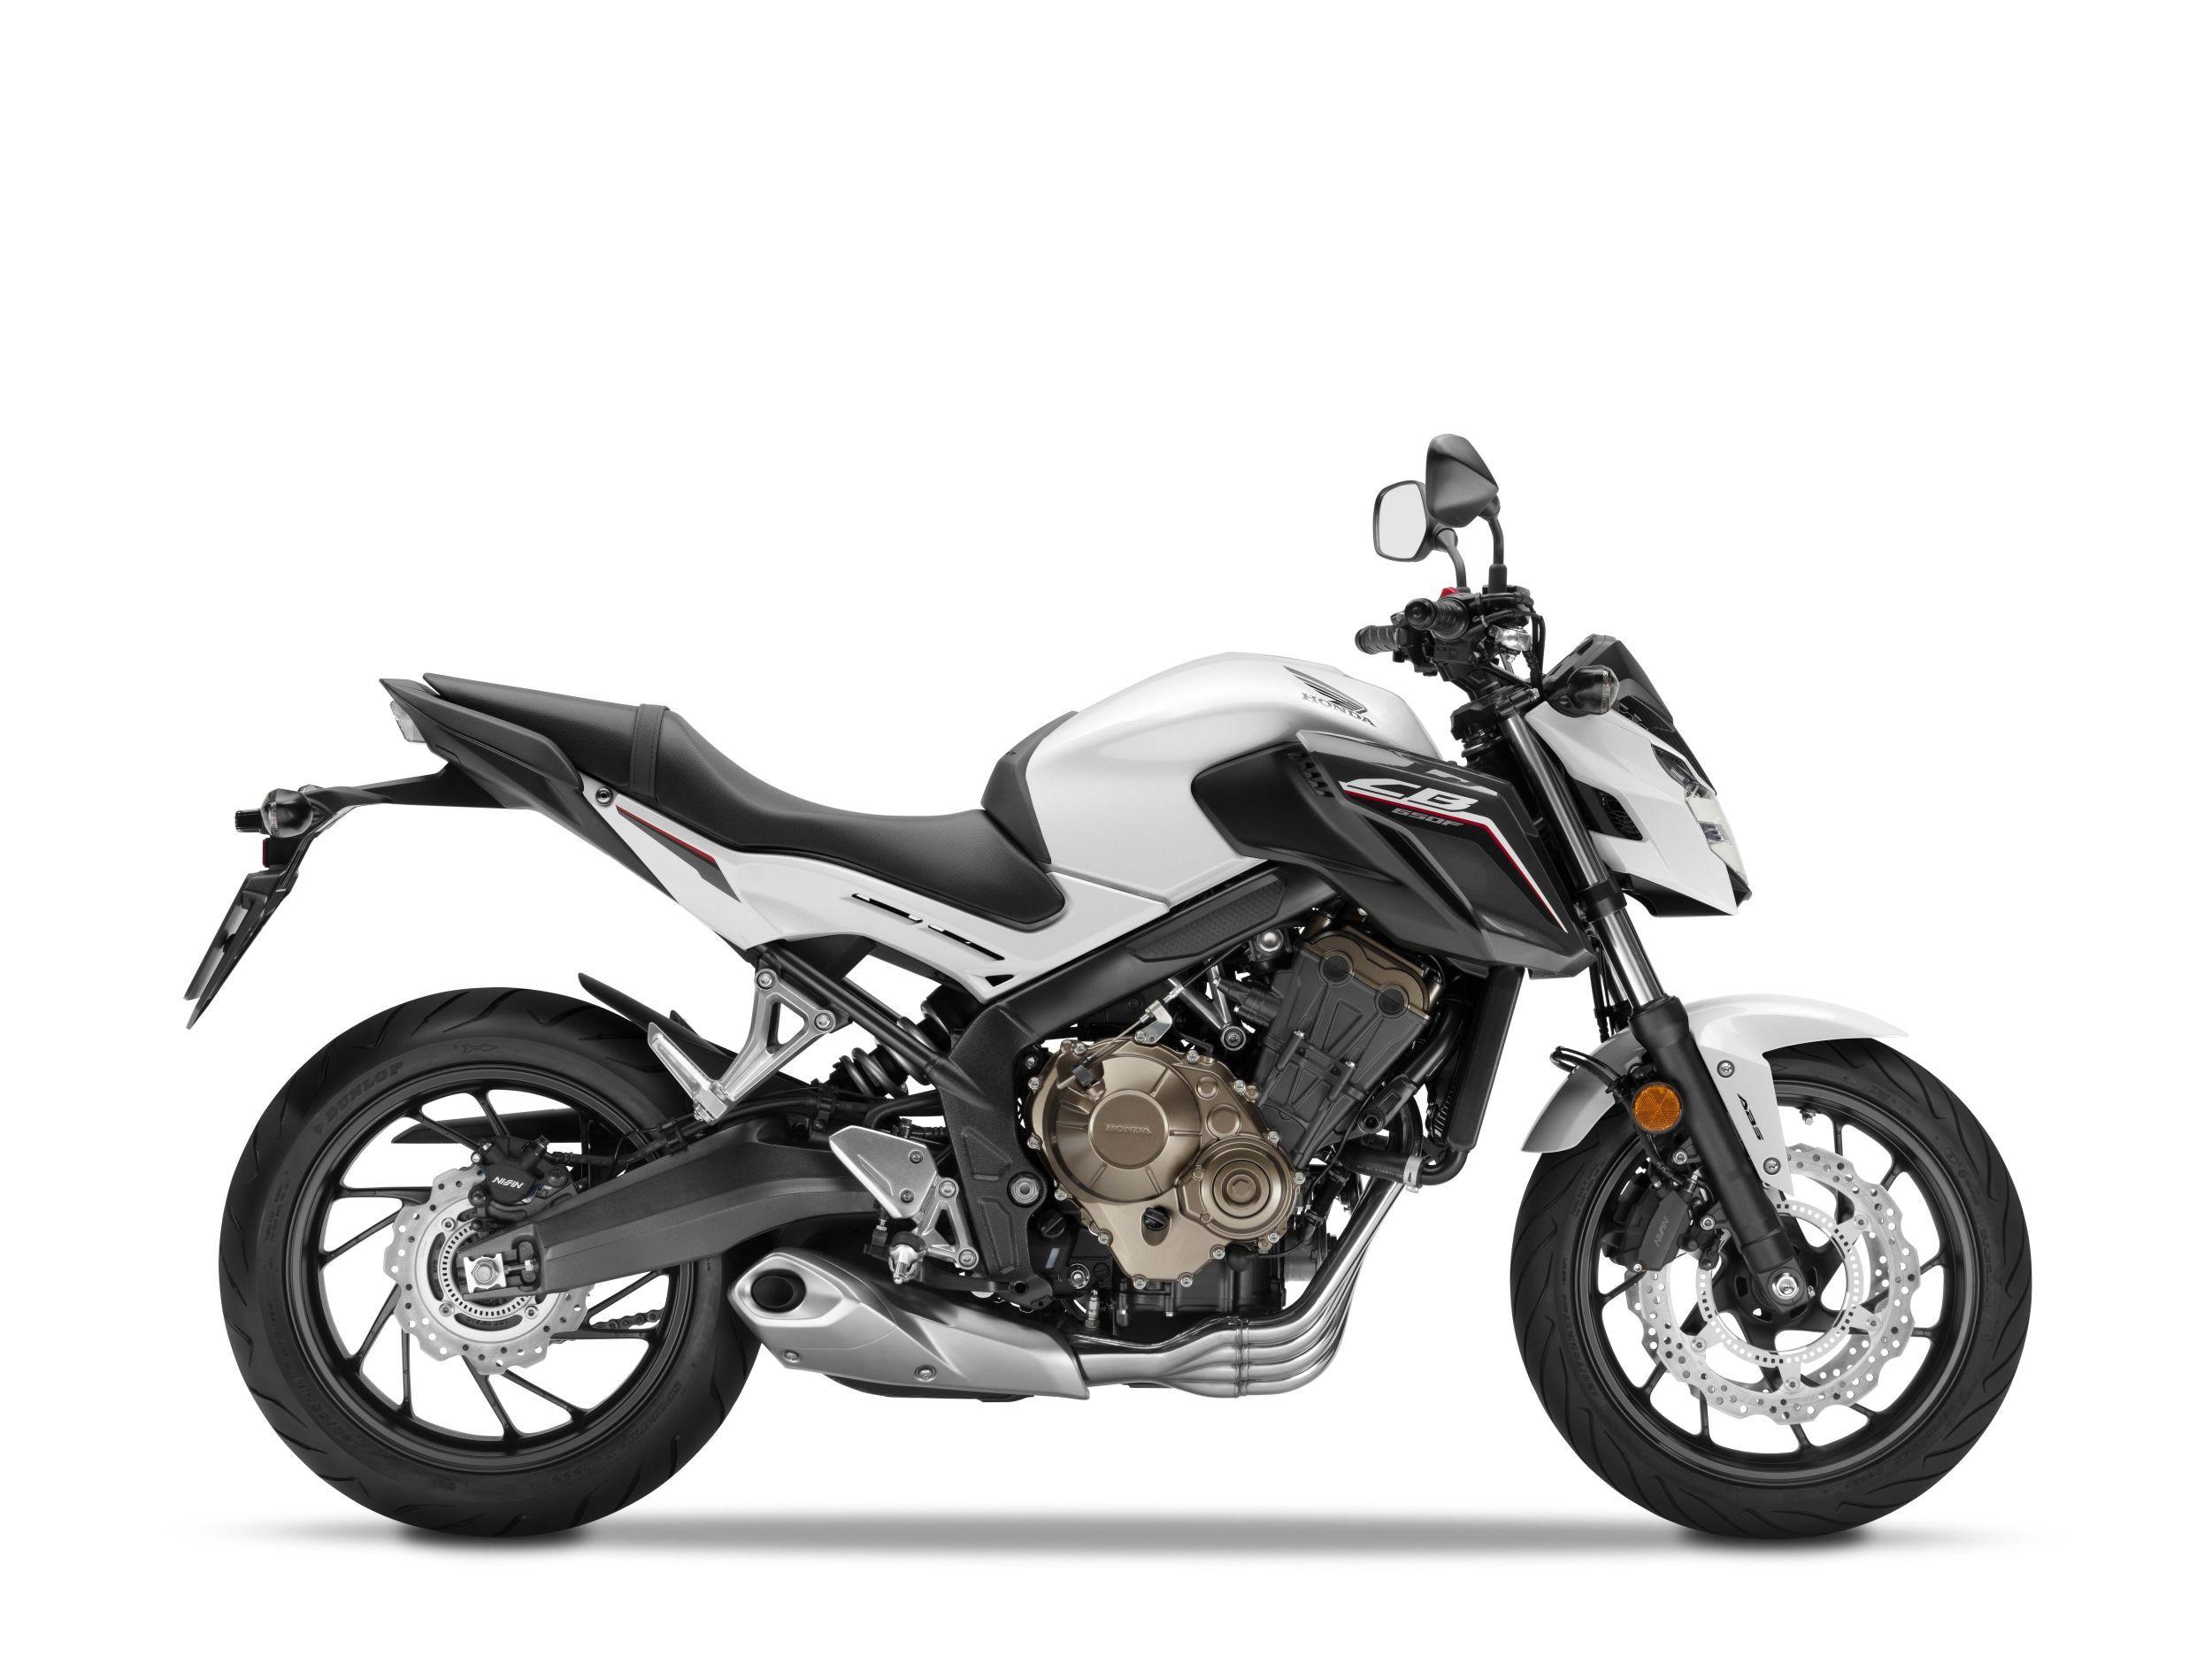 Gebrauchte Honda CB650F Motorräder kaufen